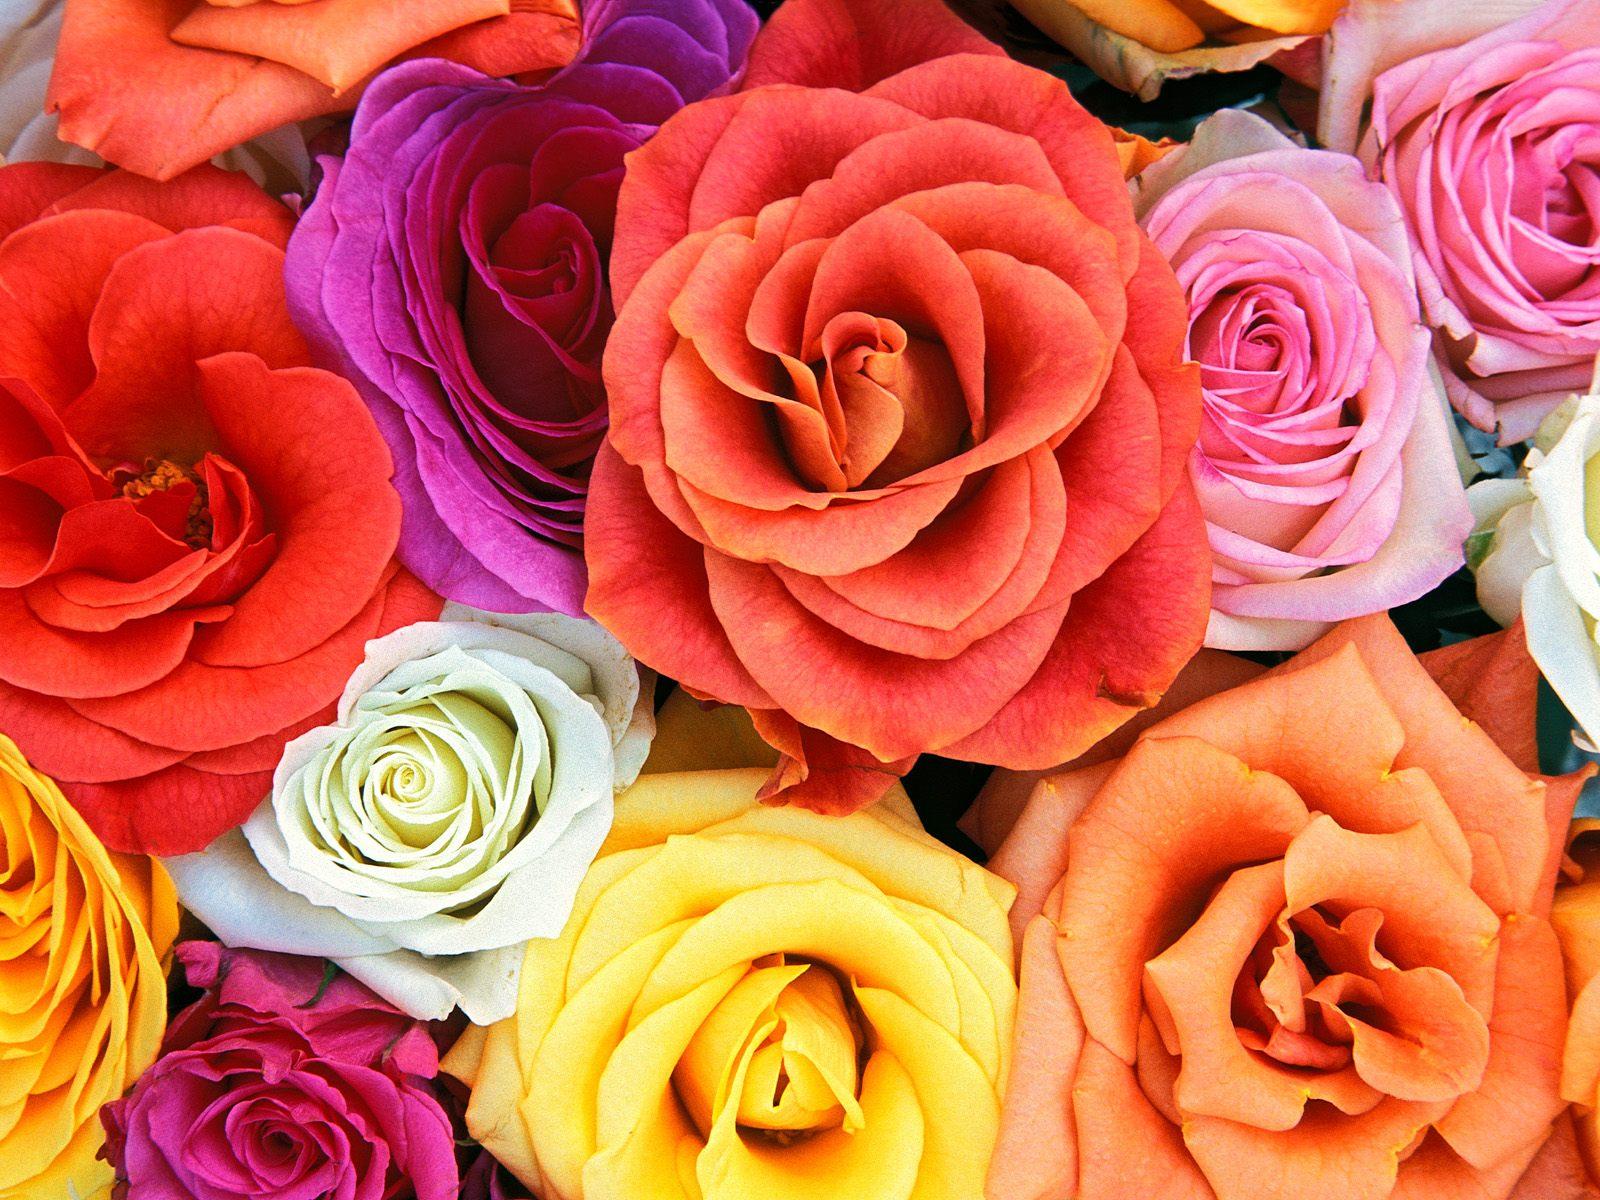 http://1.bp.blogspot.com/-cXpV2XAAuAk/UWEm7Tdh7VI/AAAAAAAAAz4/DI0dcCkTp-U/s1600/Roses-Flowers-Wallpapers.jpg